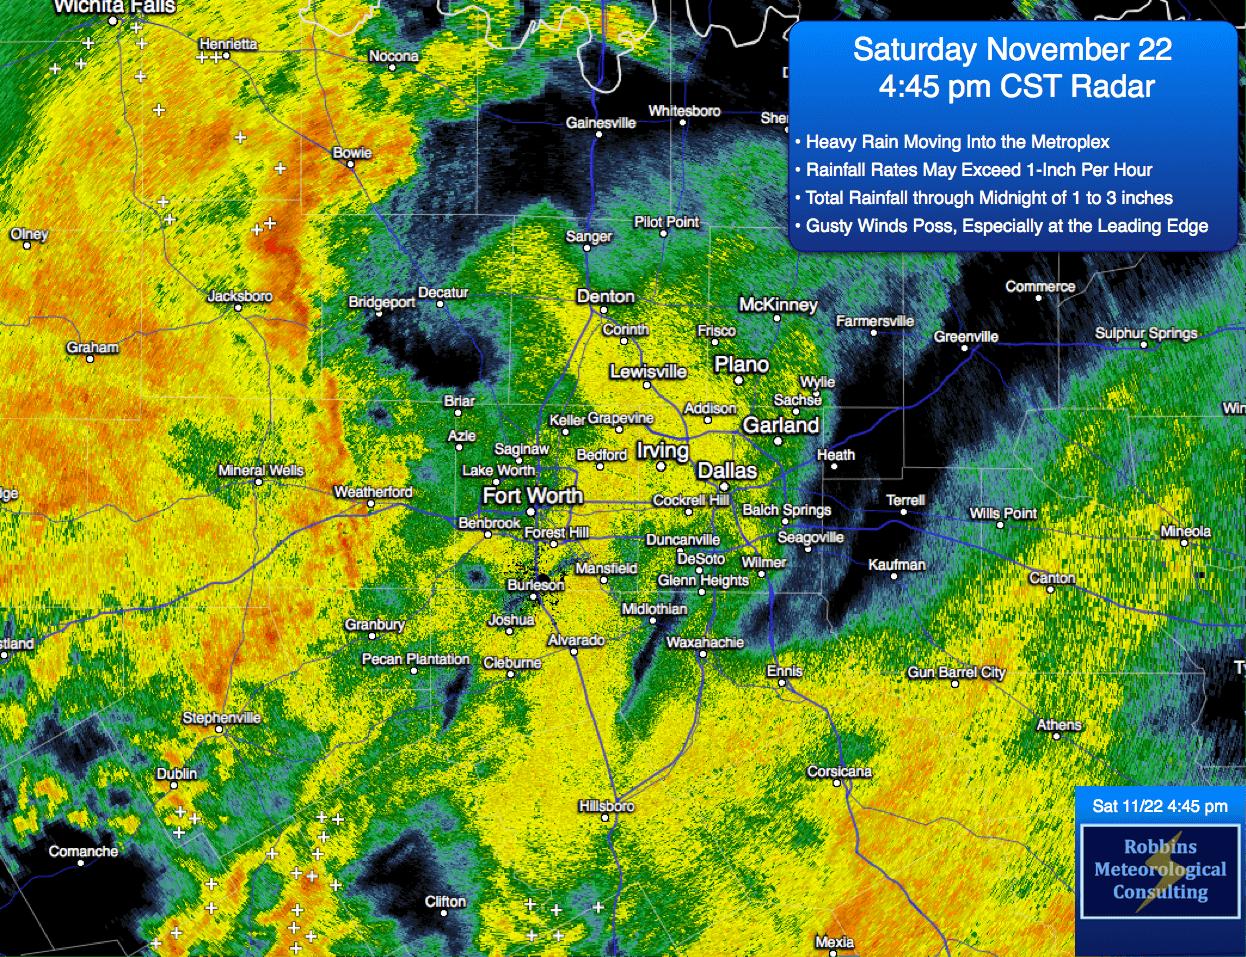 Radar image at 4:45 pm CST (Saturday 11/22/14)